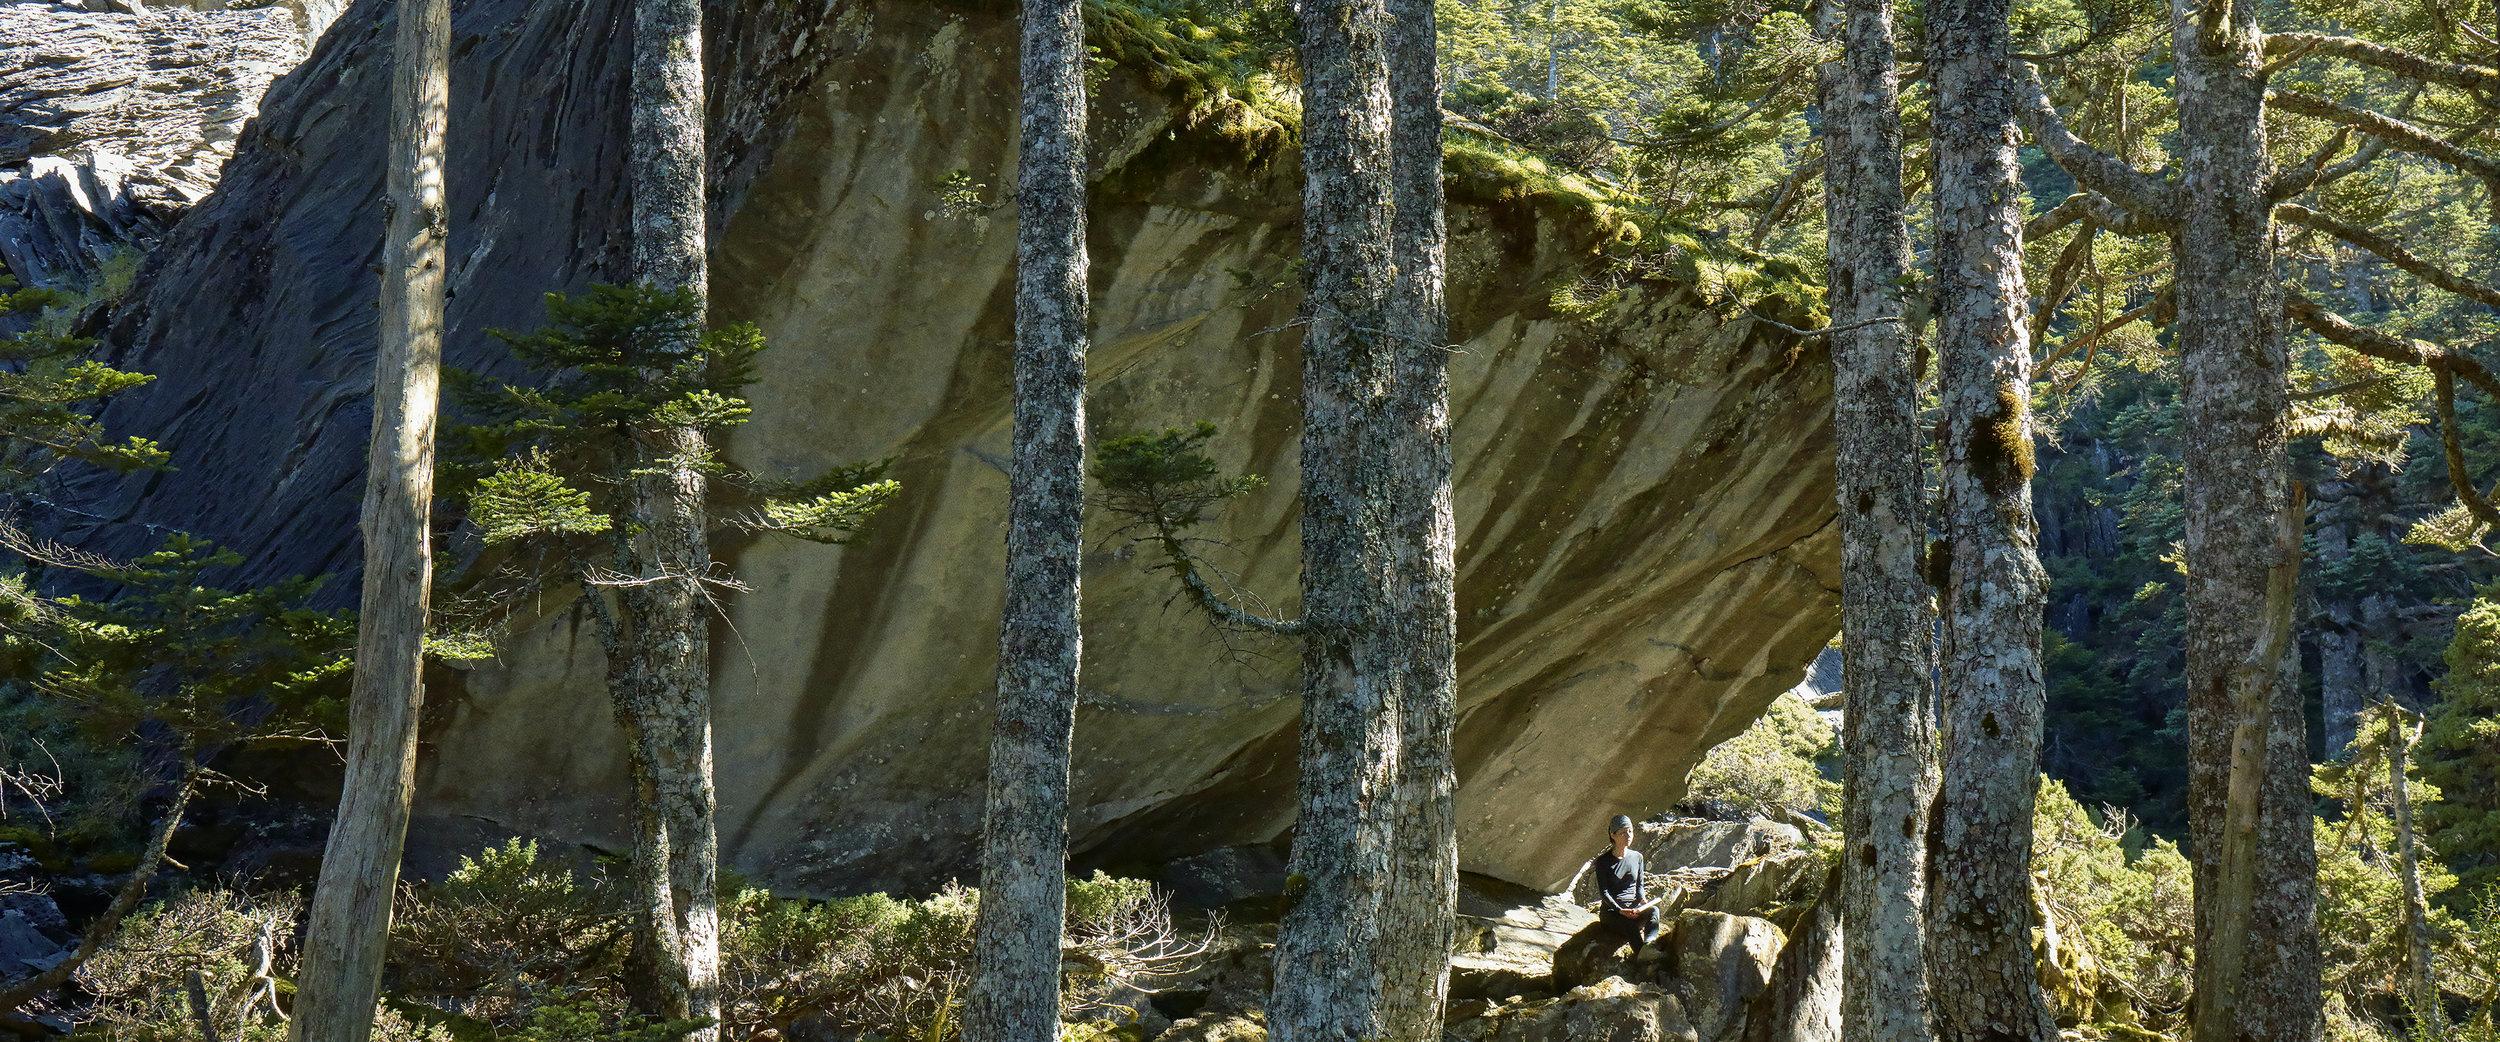 在山上,視野更加清澄透亮,每一秒鐘都是一個世界。隨著海拔升降展現不同姿態的林貌與生態、一望無際的草原邊坡、雲氣蒸騰的巨石稜線、高山溪谷匯聚的湛藍水潭與石瀑,旅者帶著過往的生命經驗和生活軌跡,各自擁有其觀看的方式,定位山與自身的相對關係,藉由生活科技的輔助,數位也能描繪山陵,展開對於山的探索。